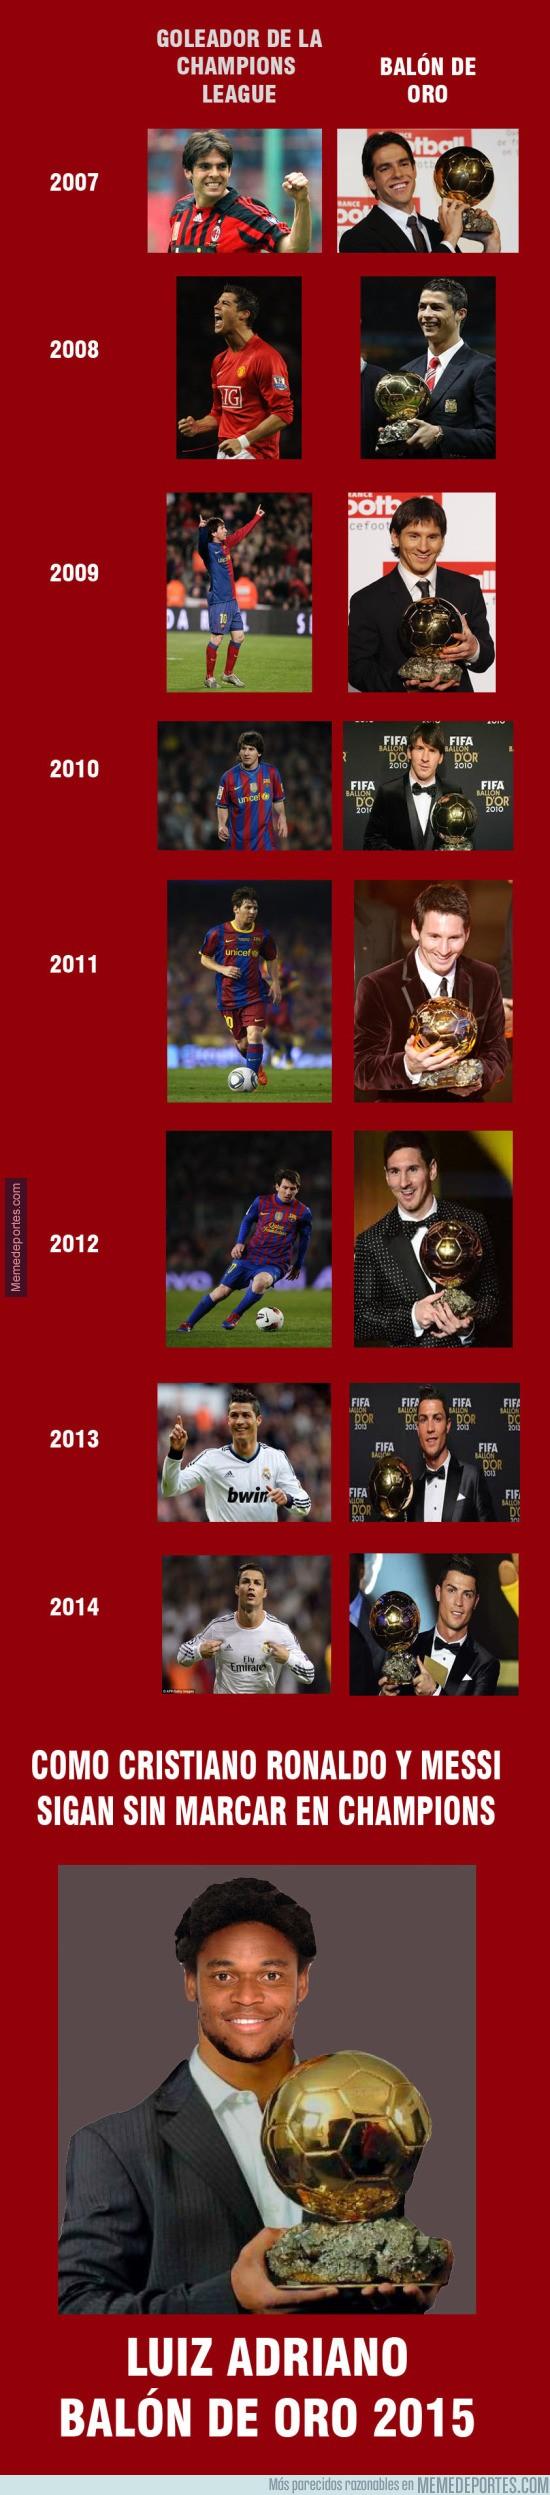 530413 - Como no espabilen Messi y CR7, Luiz Adriano Balón de Oro 2015